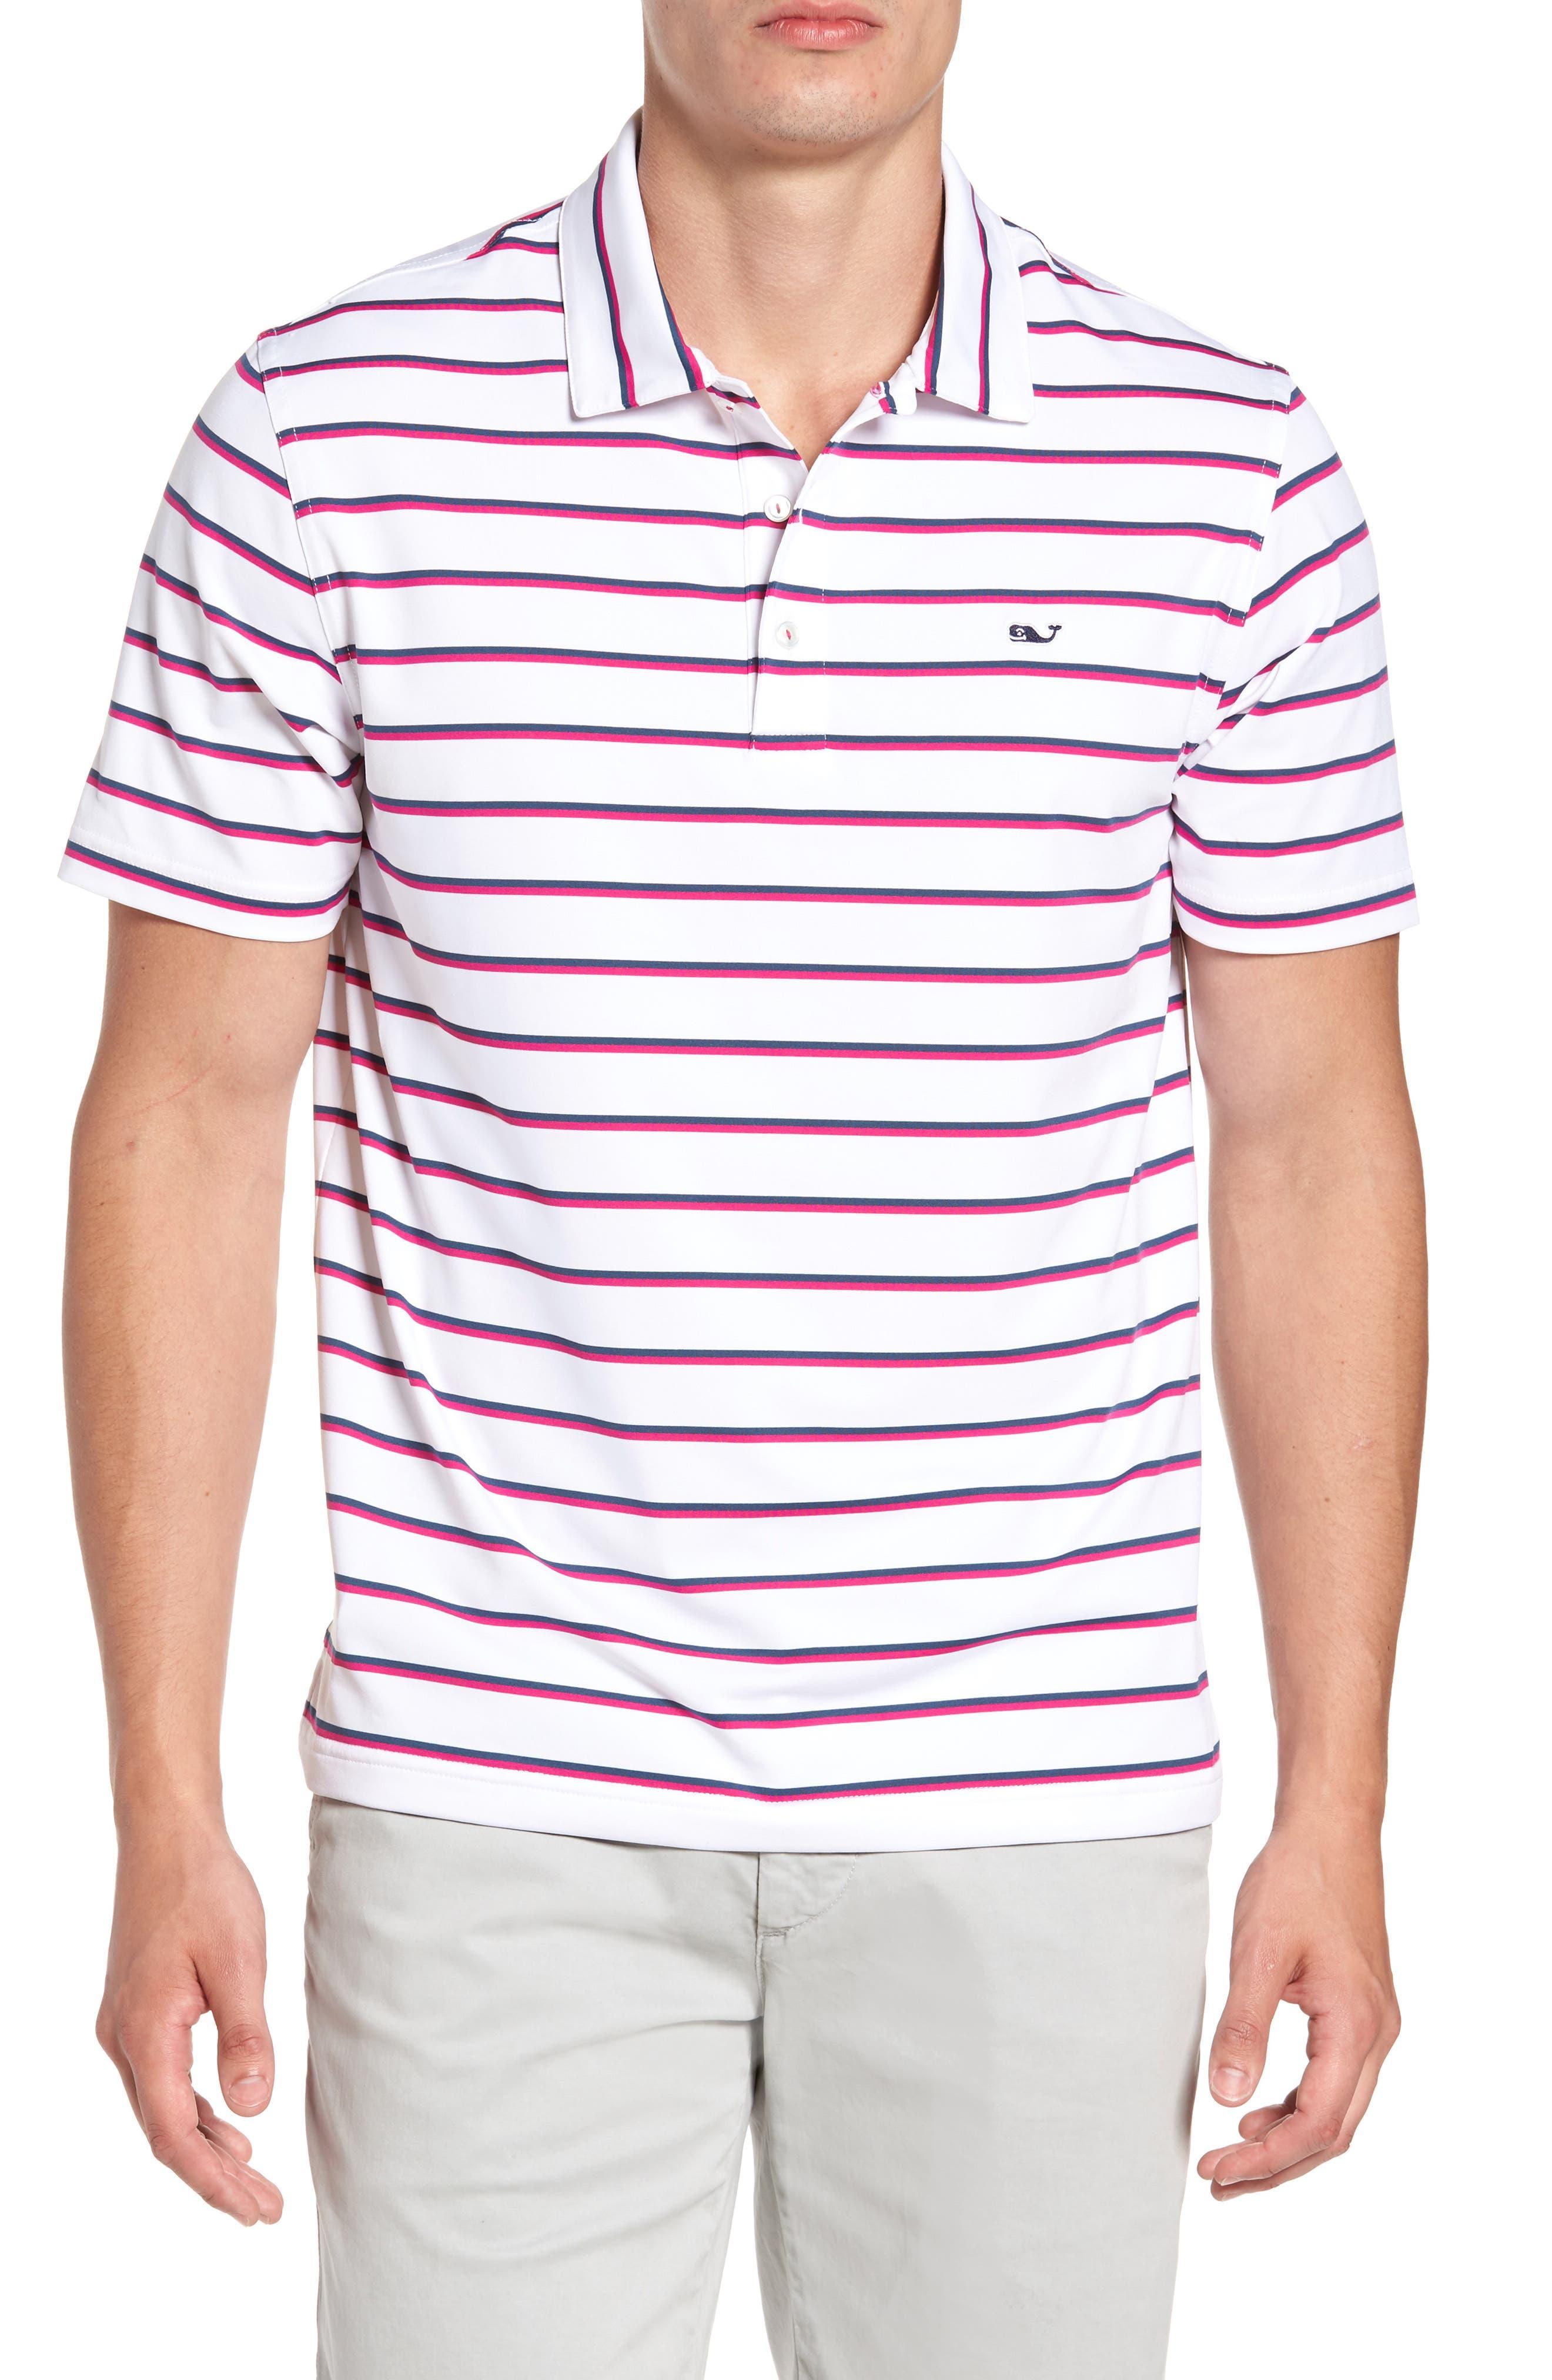 Eshman Stripe Polo,                         Main,                         color, White Cap